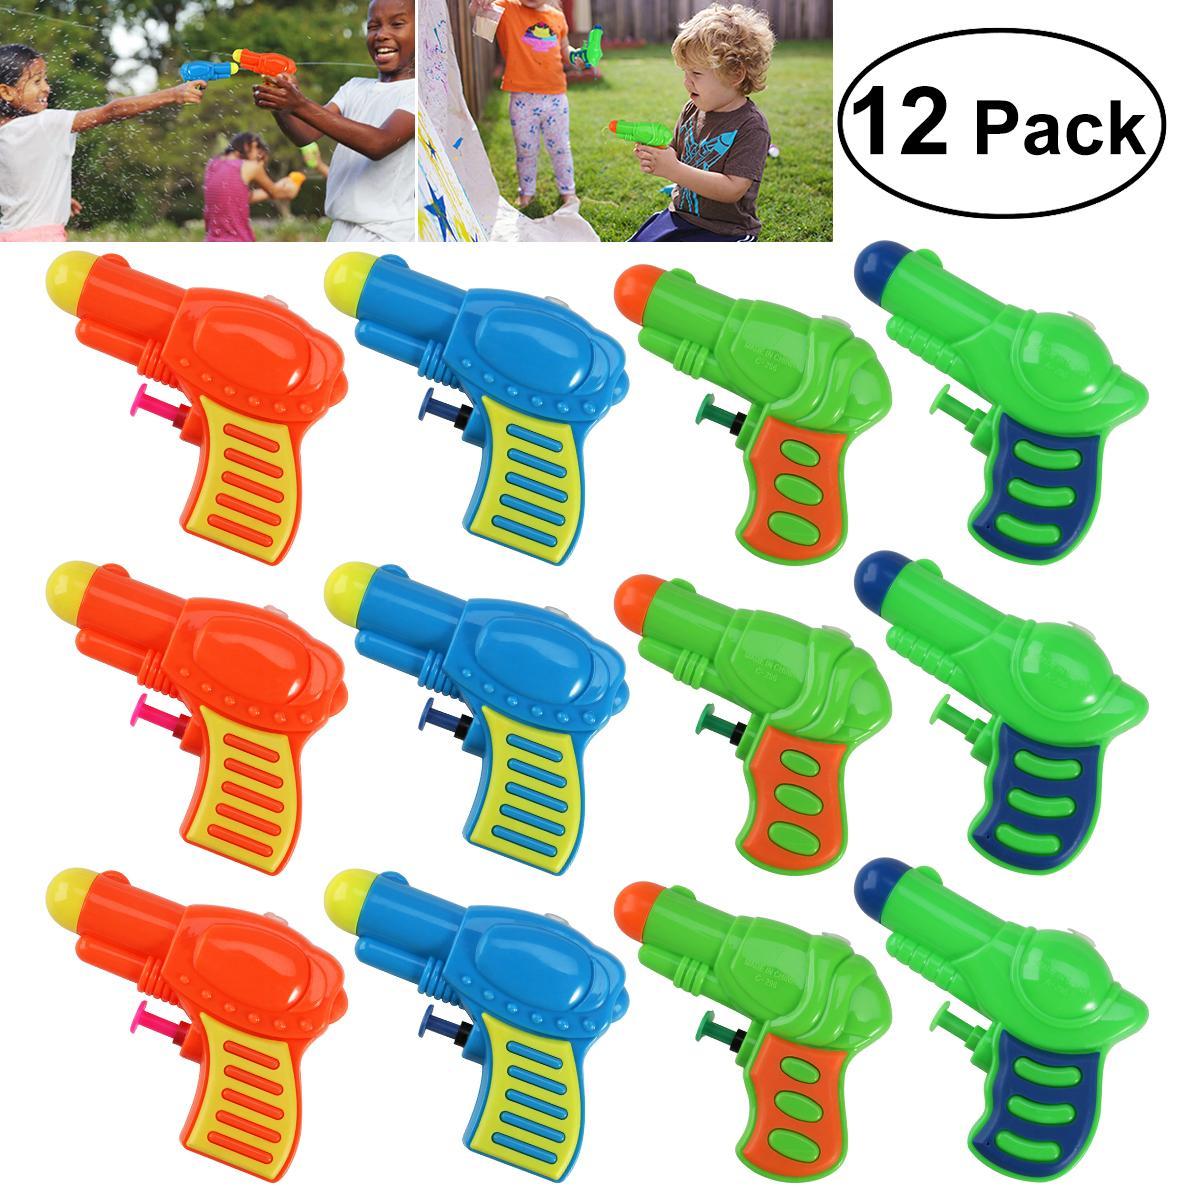 12 piezas de agua coloridas pistolas de agua de plástico Squirt Toy para los niños que riegan el juego (color al azar)